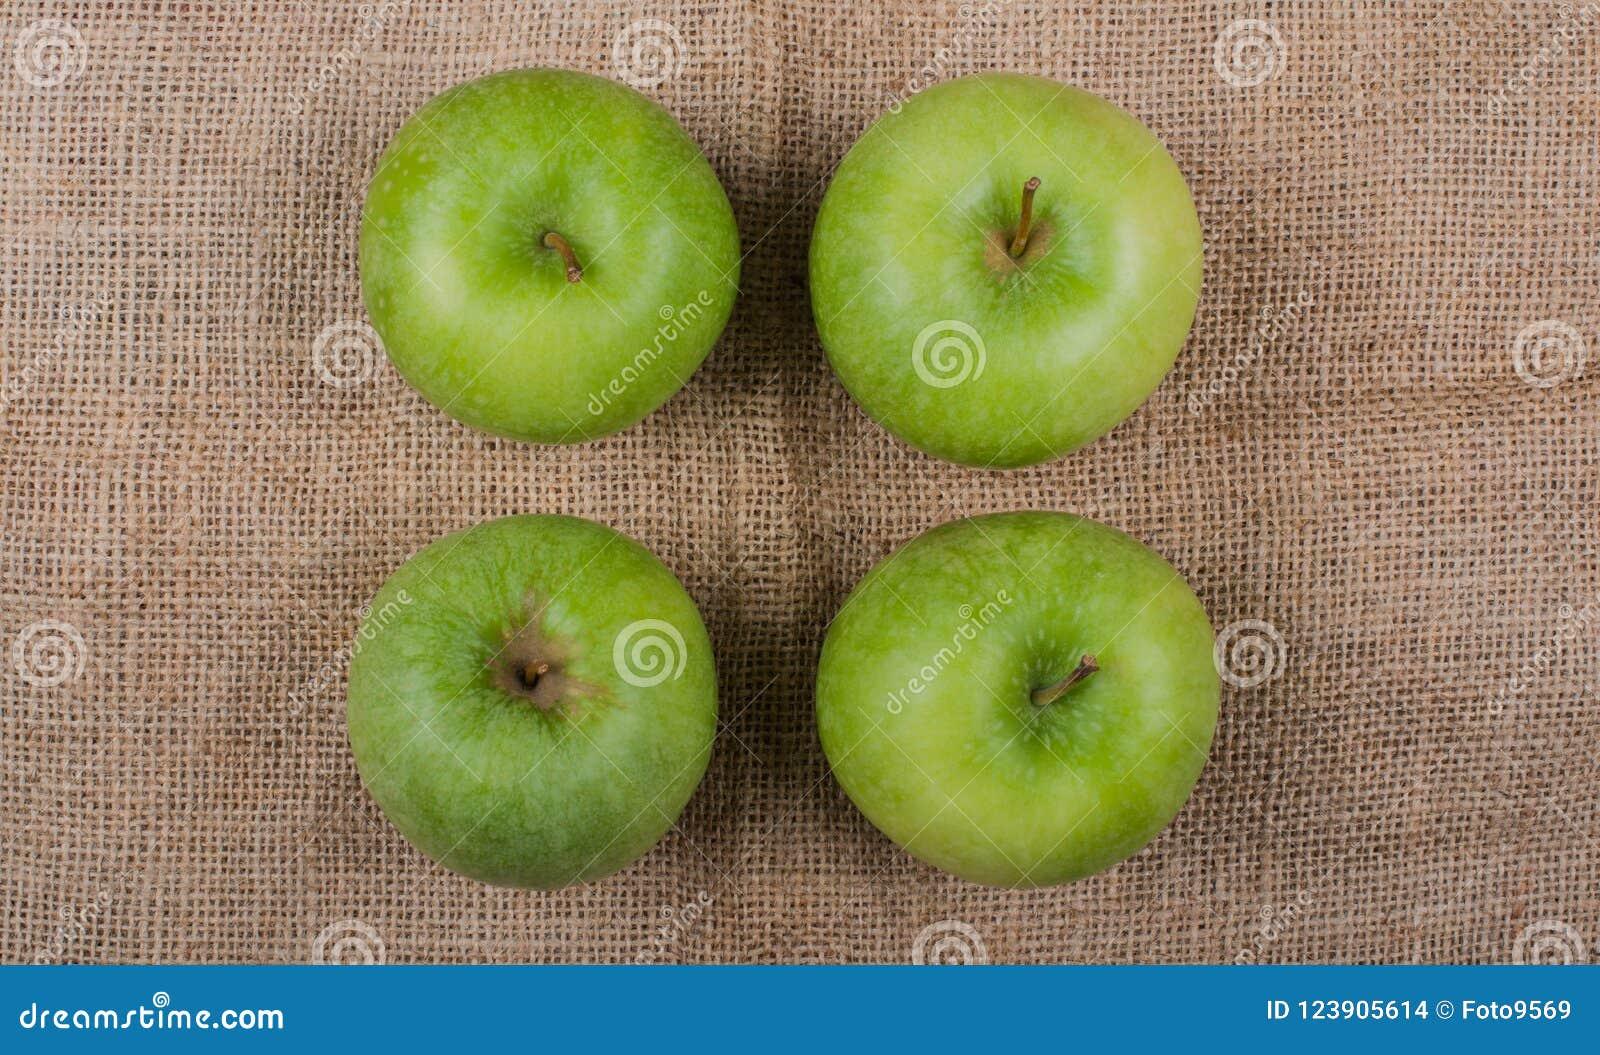 Pommes photographiées sur un tissu de jute